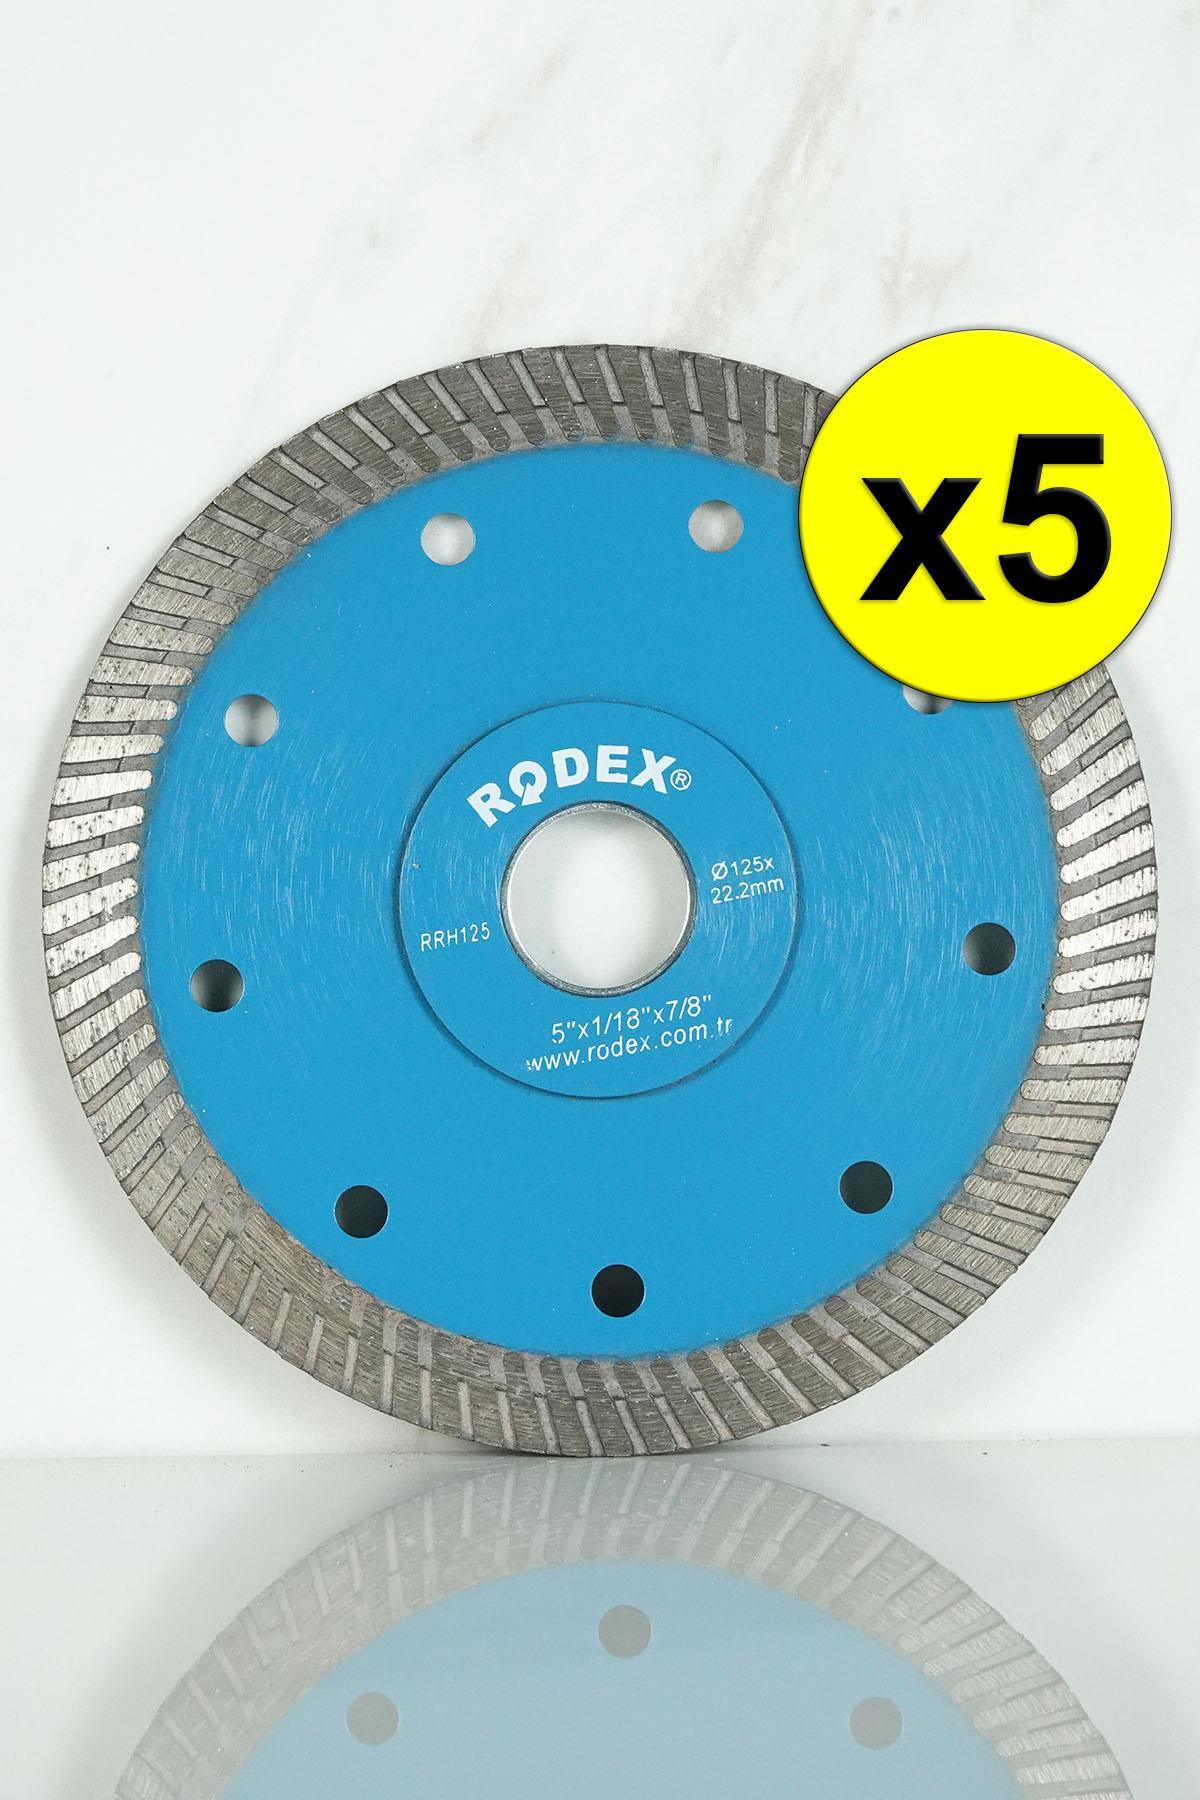 Rodex RRH125 Ultra Slim Turbo Diamond Saw Blade 125mm 5 Pcs